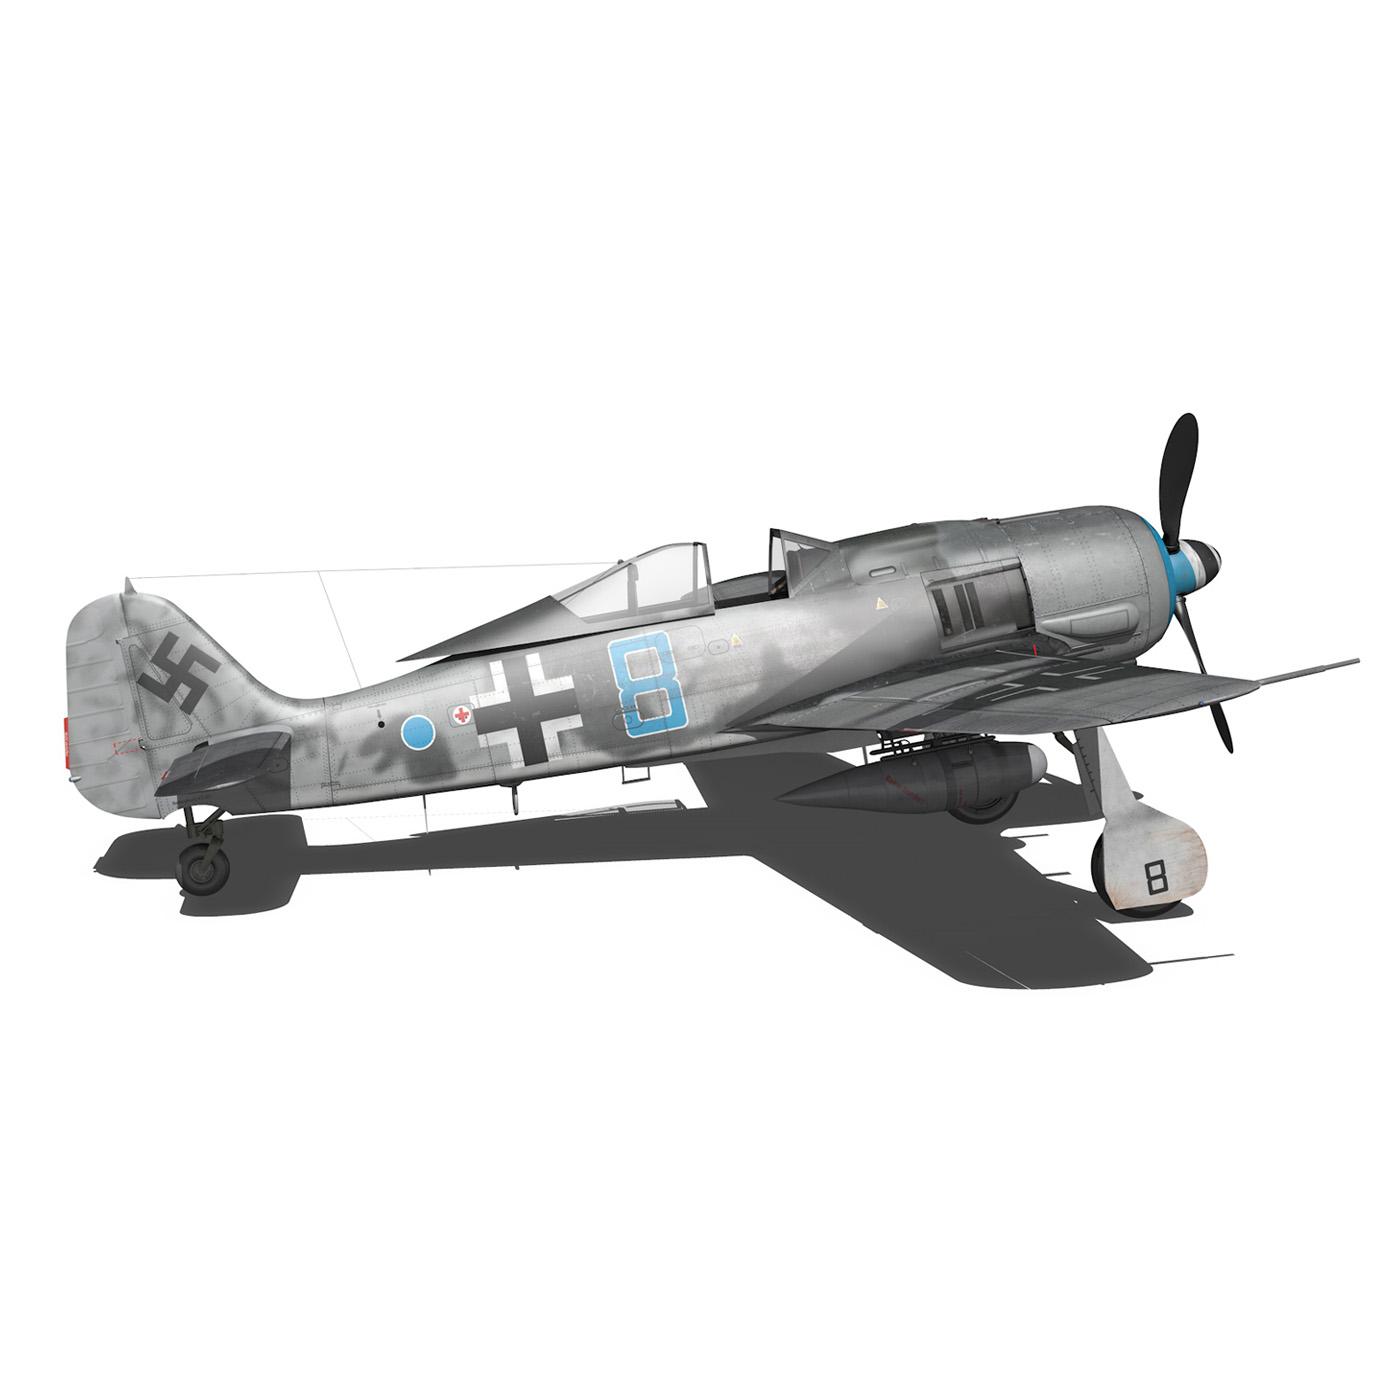 focke wulf – fw190 a8 – blue 8 3d model 3ds fbx c4d lwo obj 293555